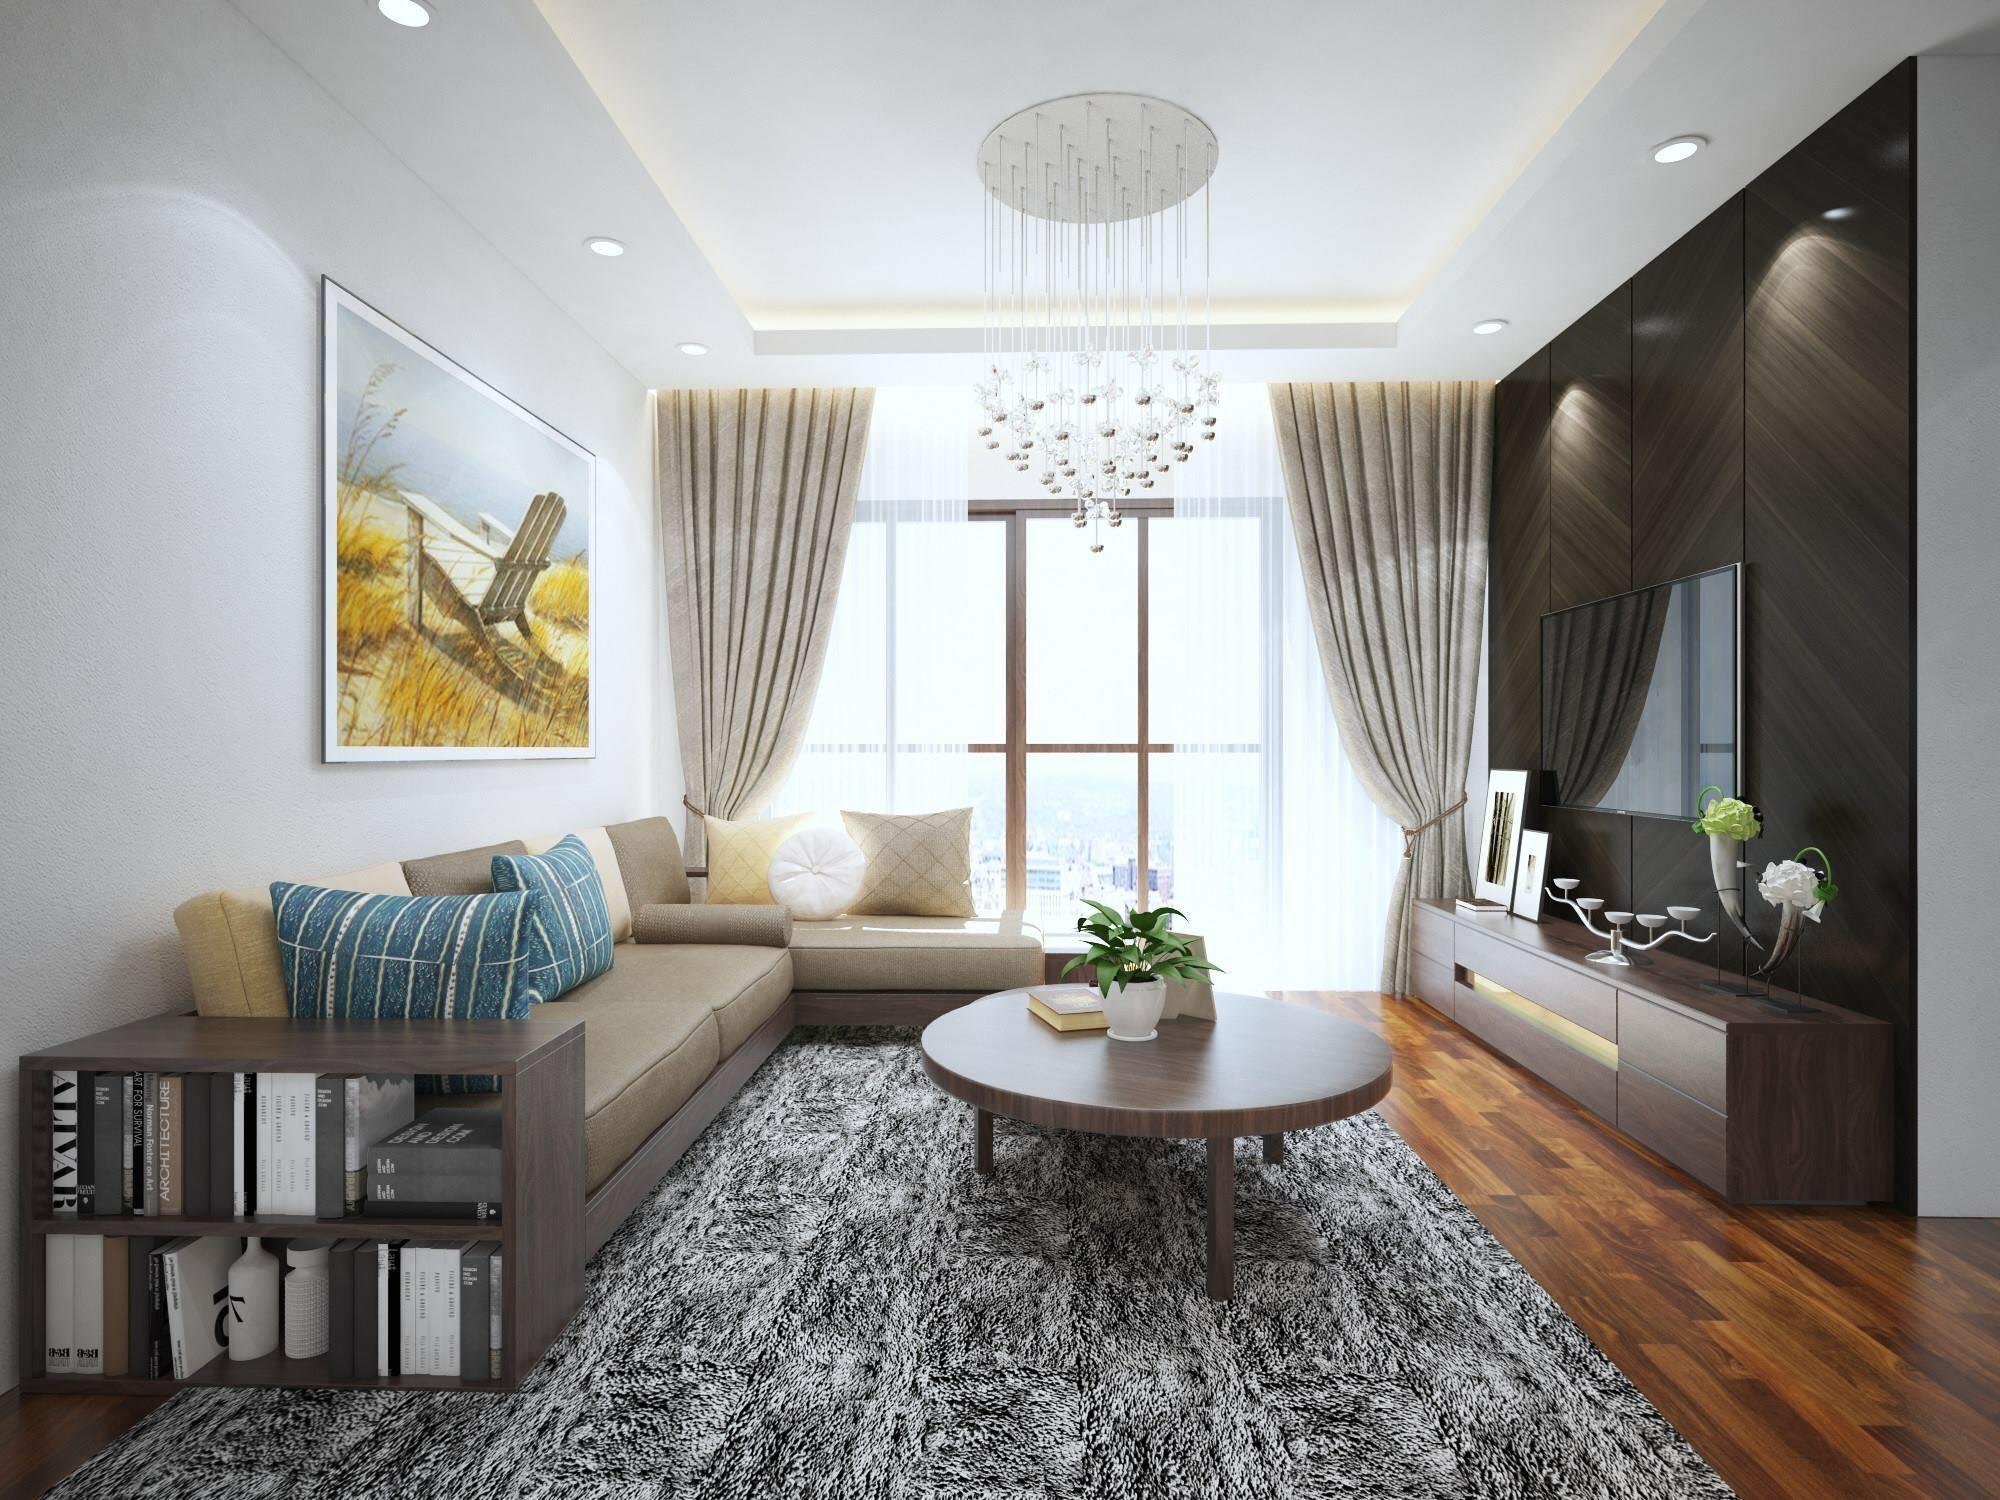 Thiết kế nội thất phòng cách chung cư cao cấp sang trọng, đẹp như mơ